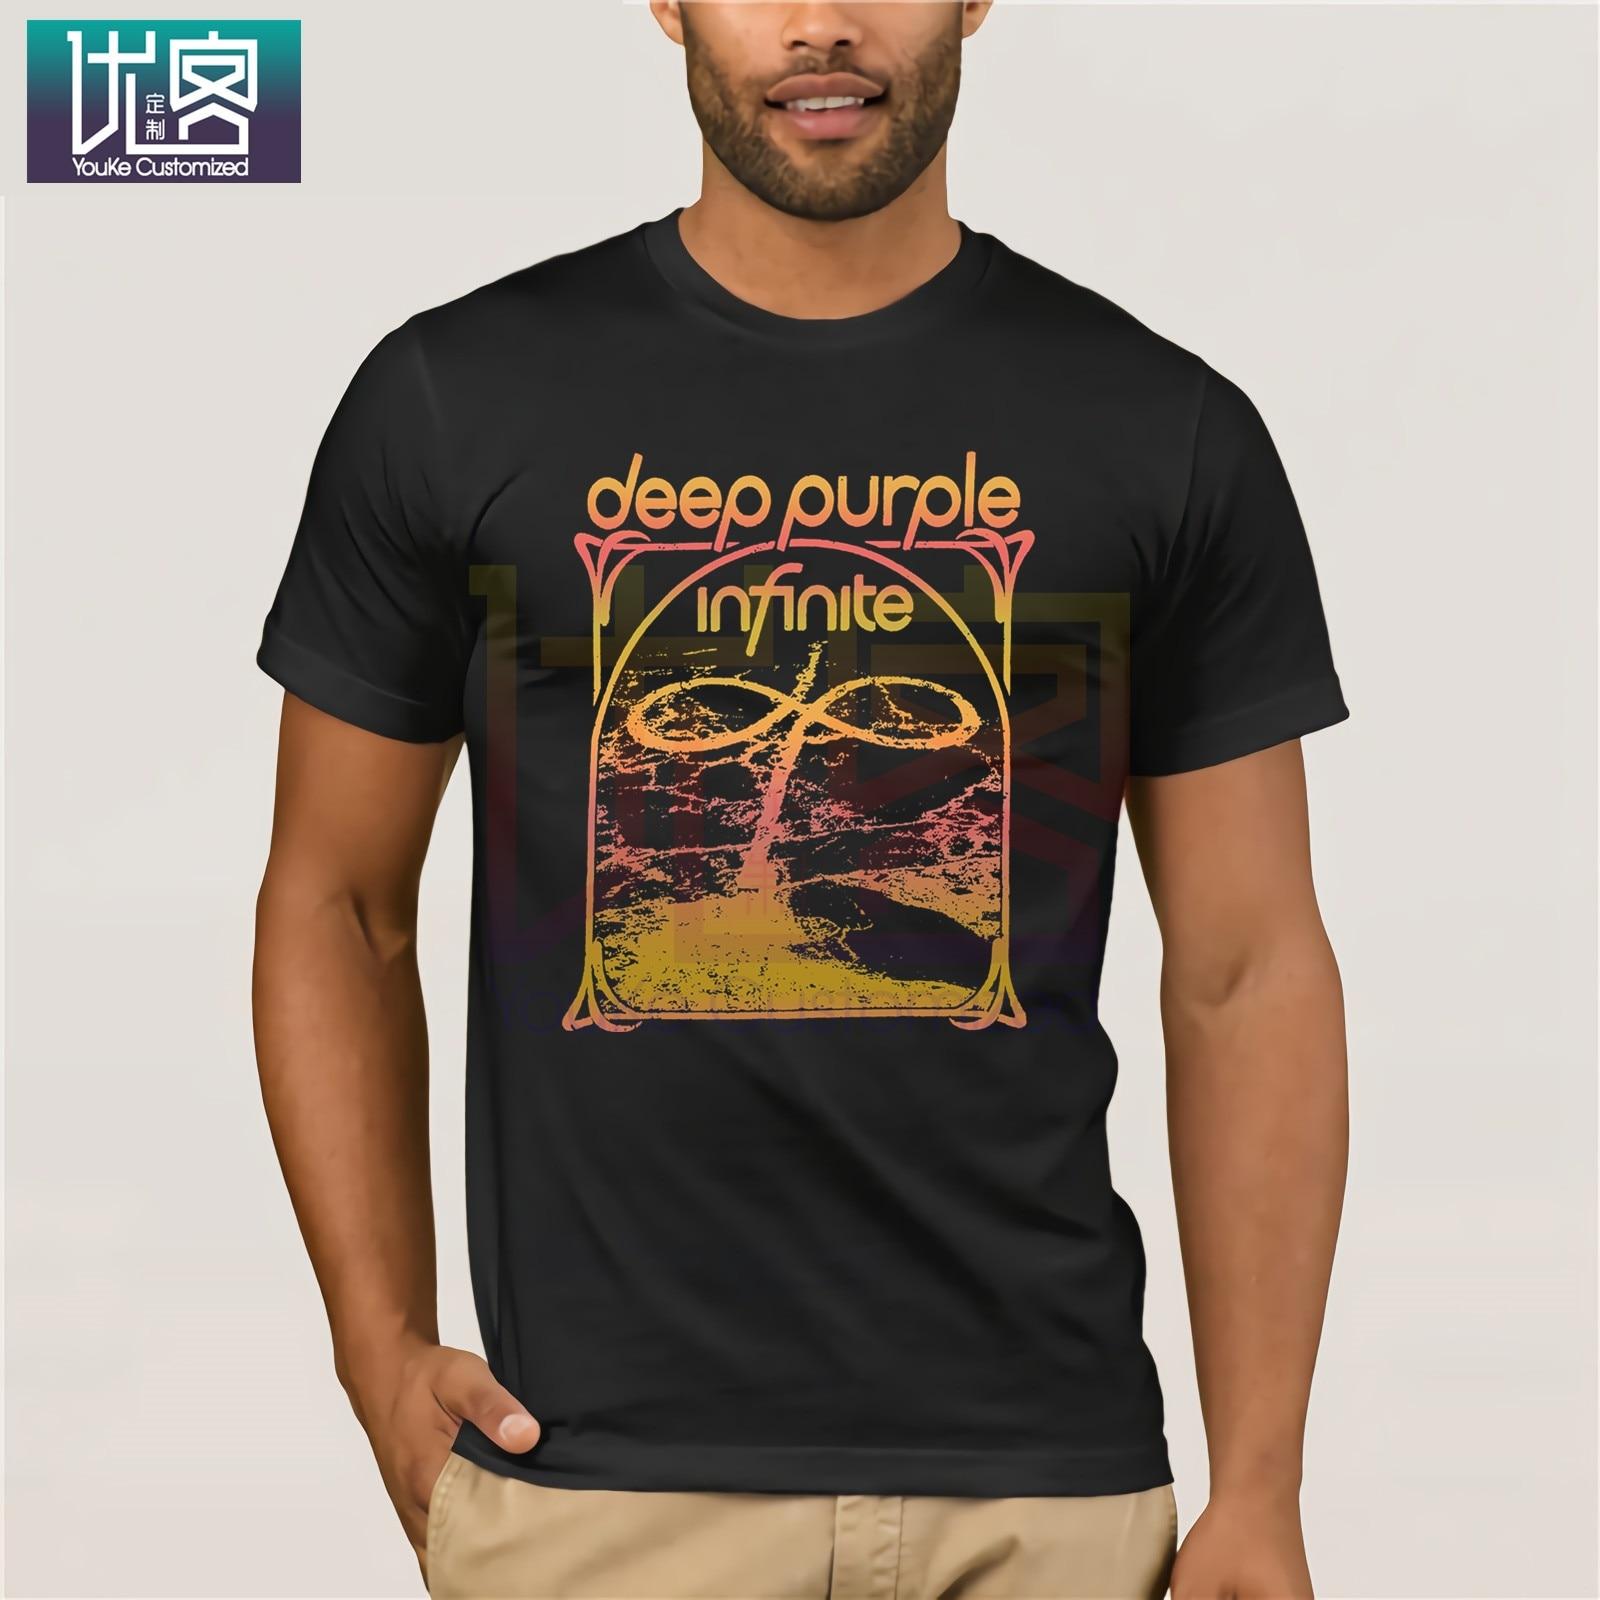 Camiseta de viaje rompehielos color púrpura oscuro para hombres ropa Popular camiseta cuello redondo 100% de algodón camisetas divertidas camisetas de algodón camisetas